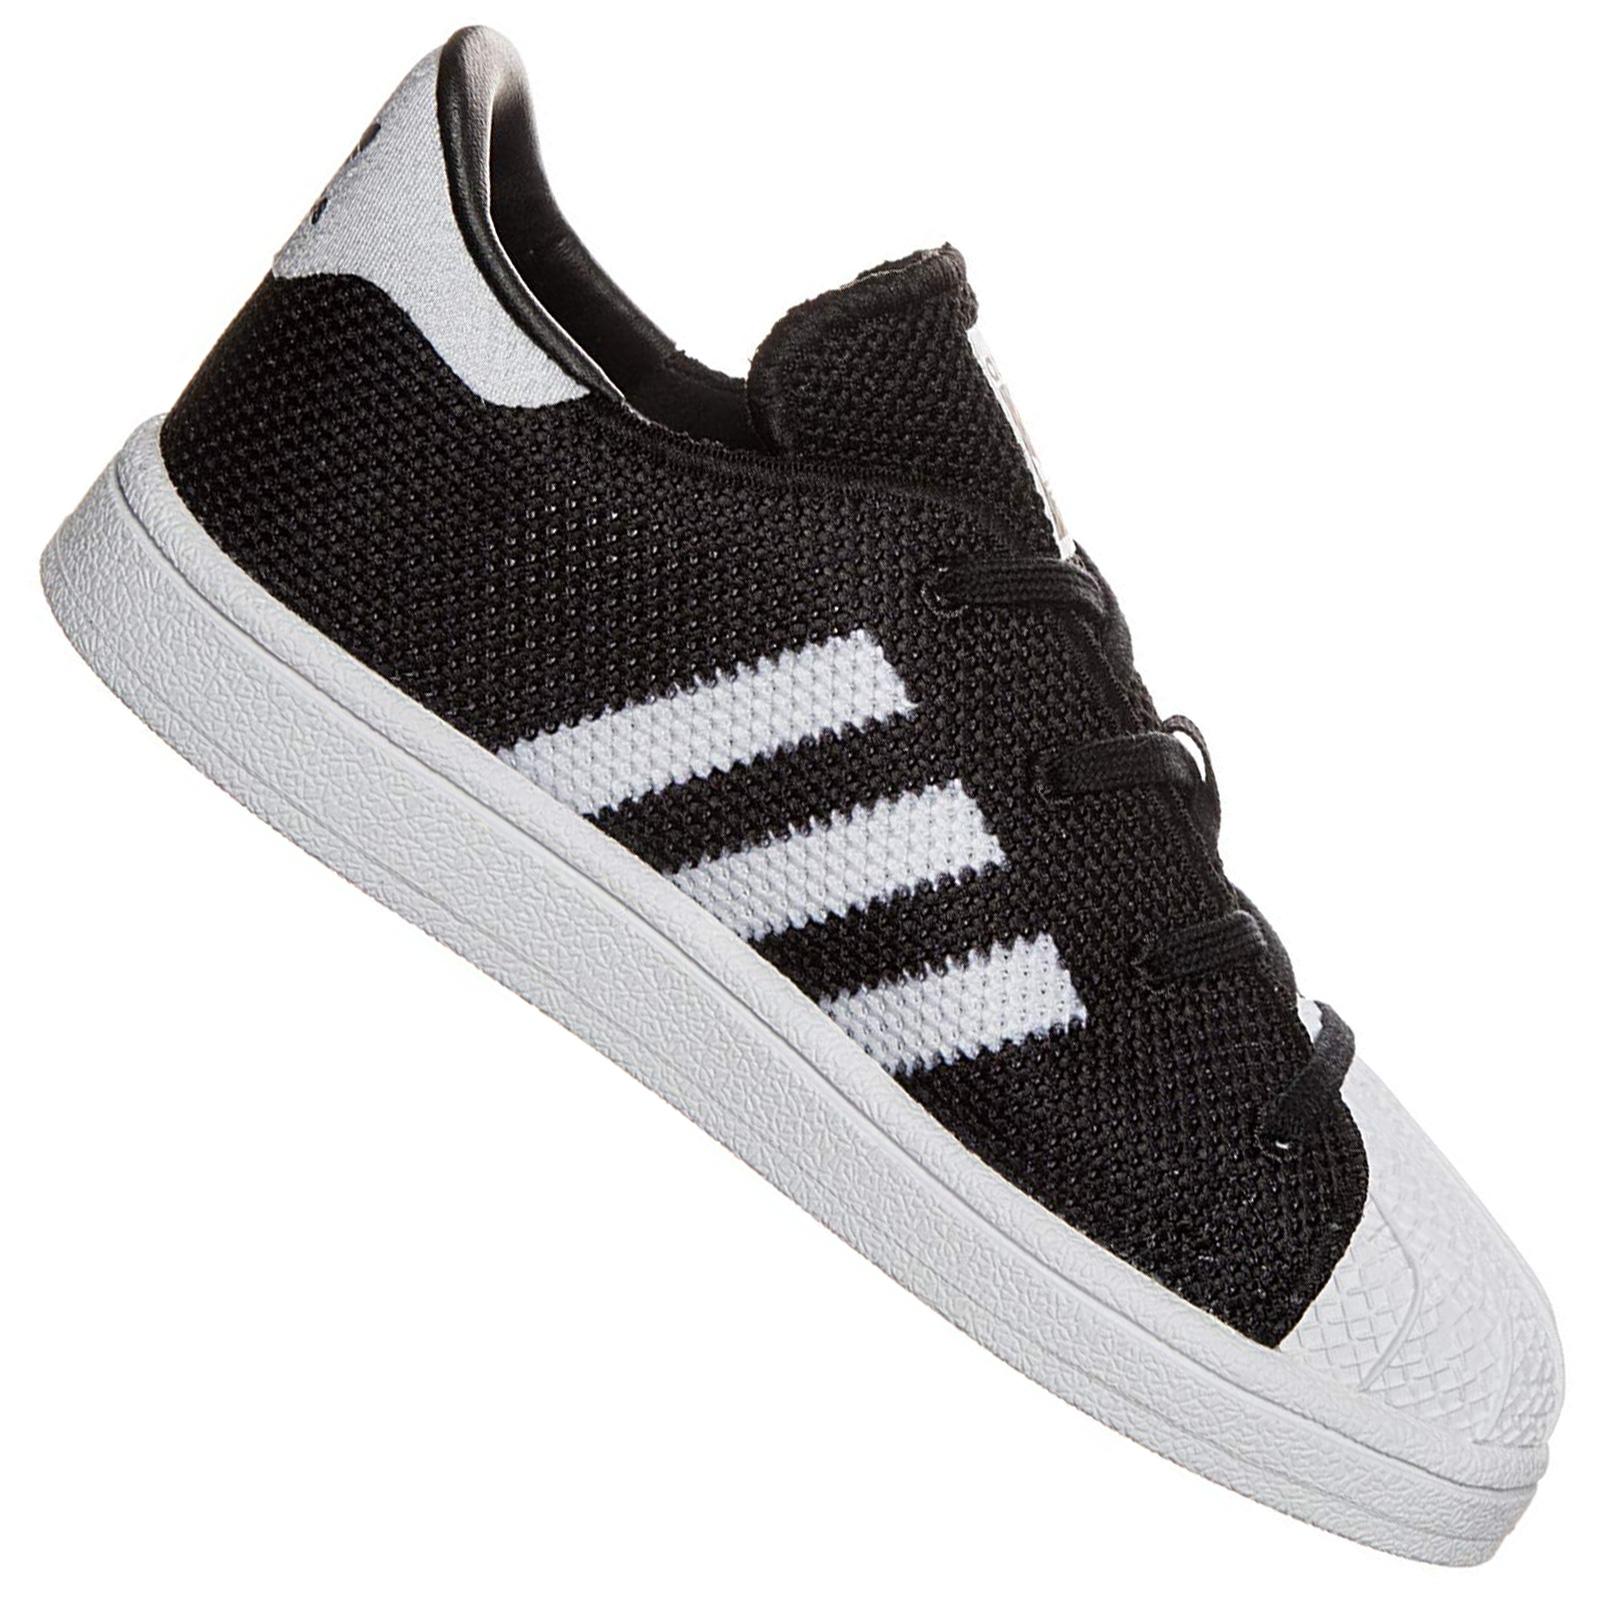 I Details Weiß Schuhe Superstar Zu Schwarz Turnschuhe Adidas qSMVpGLUjz